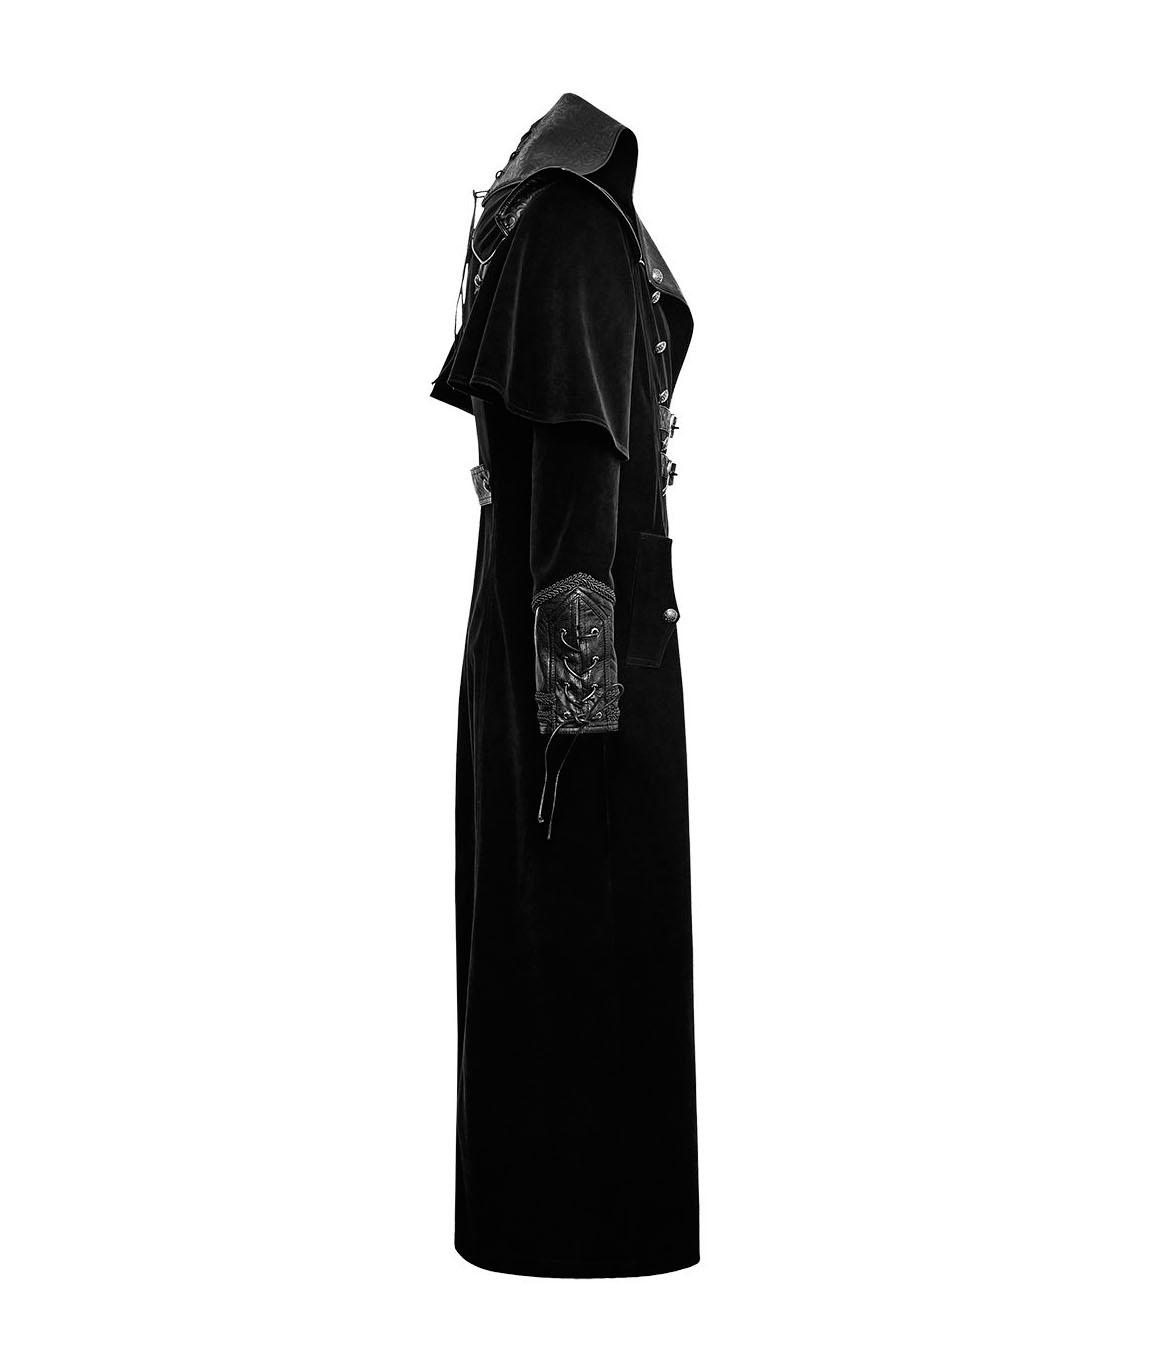 rebelsmarket_punk_rave_mens_gothic_steampunk_coat_vtg_regency_highwayman_long_jacket__coats_2.jpg